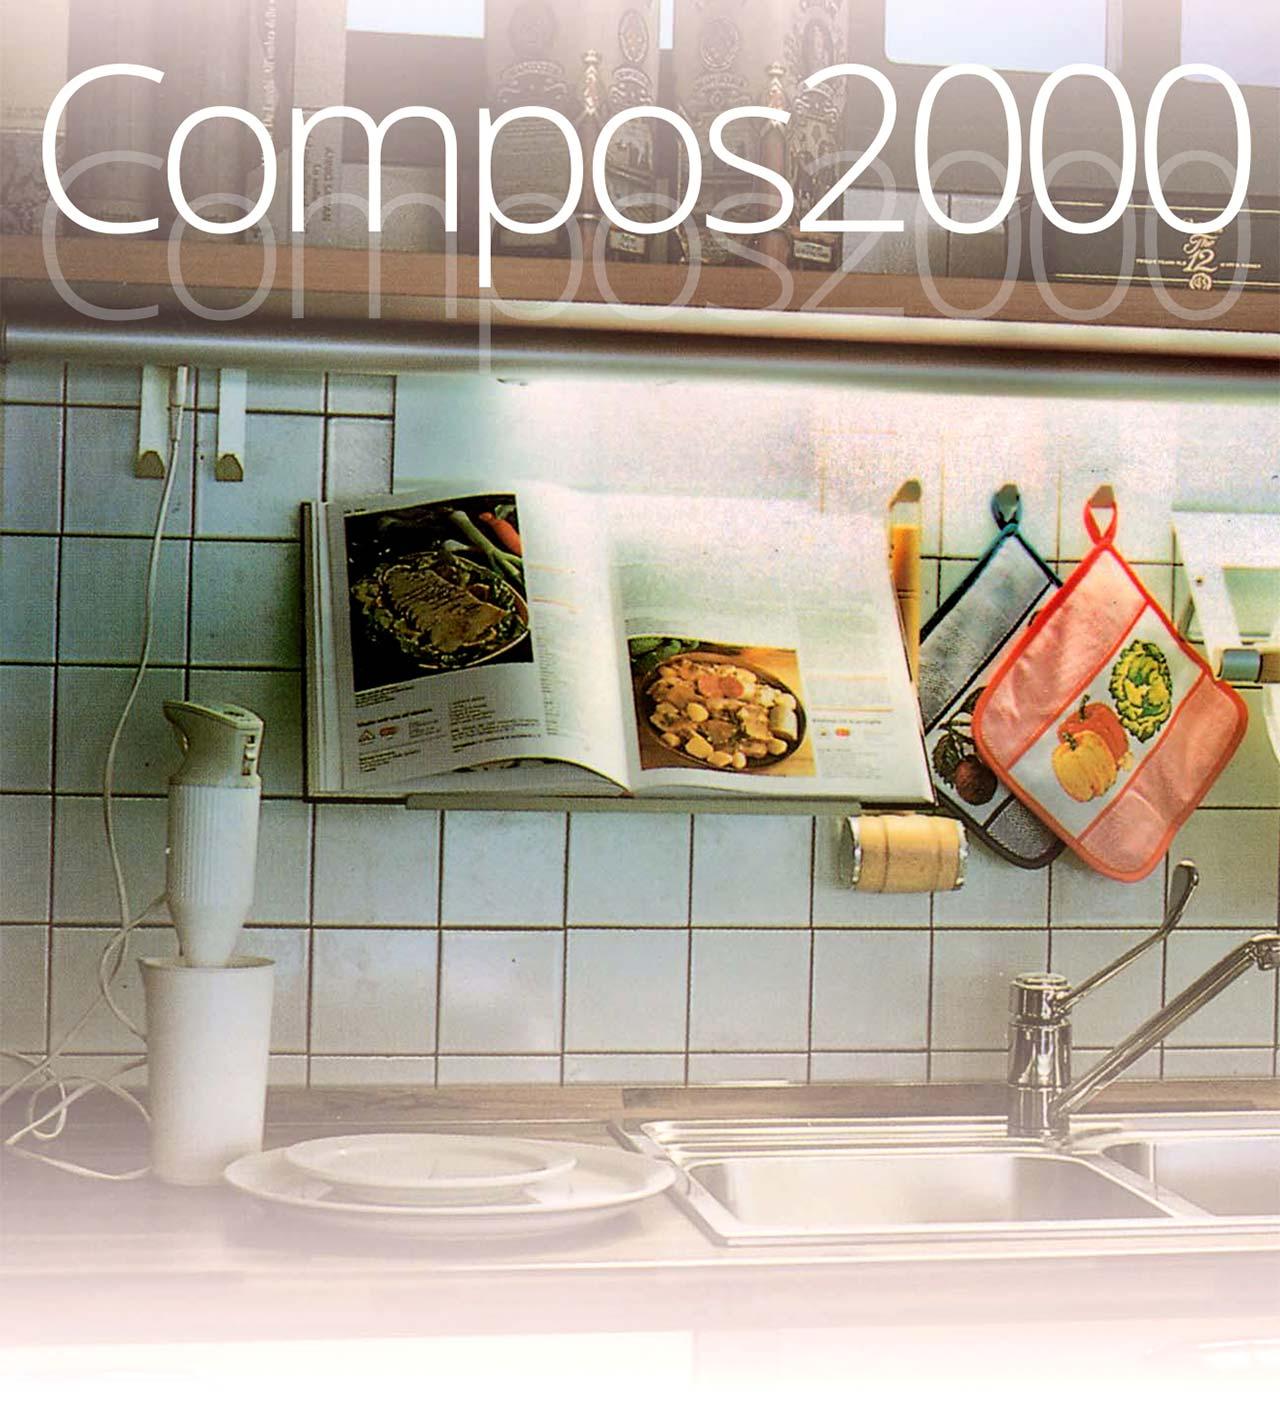 compos2000-32x25